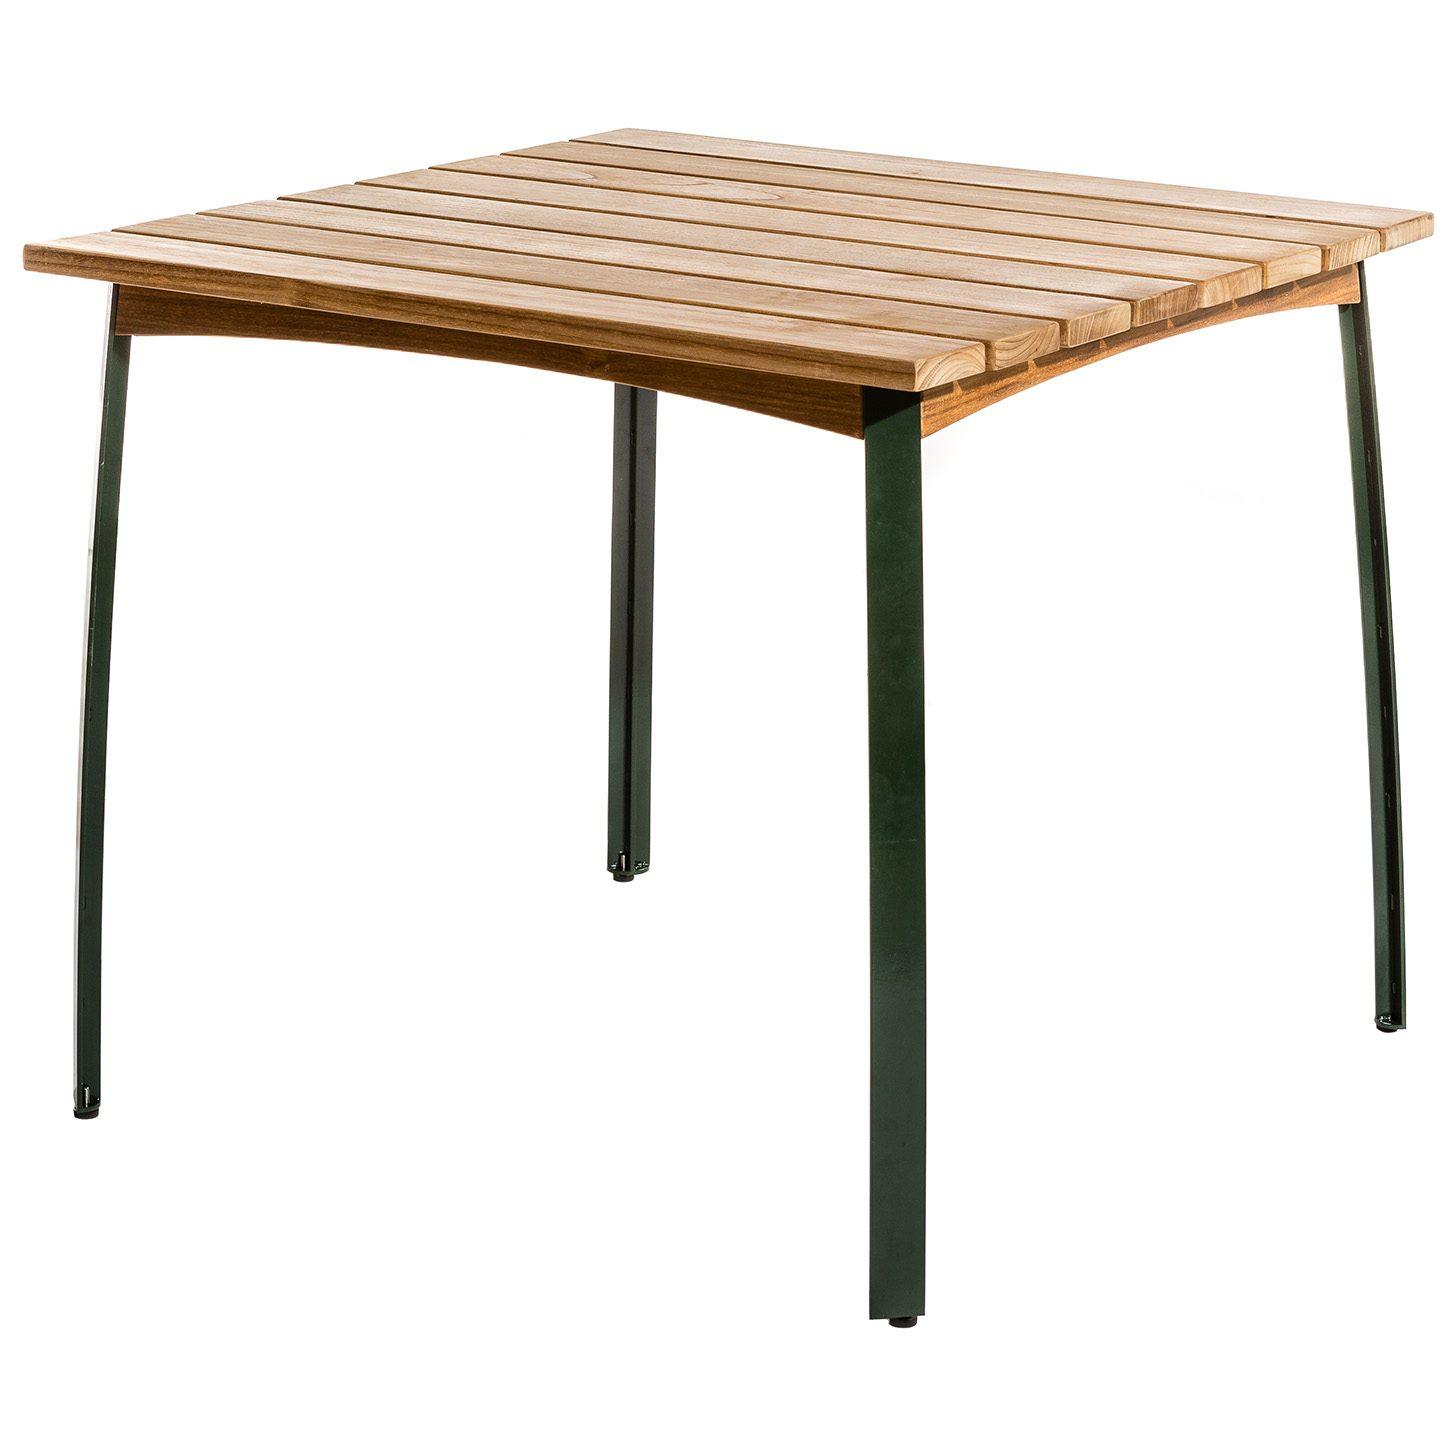 Kerteminde bord 80x80 cm från Skargaarden i teak med stålstativ.